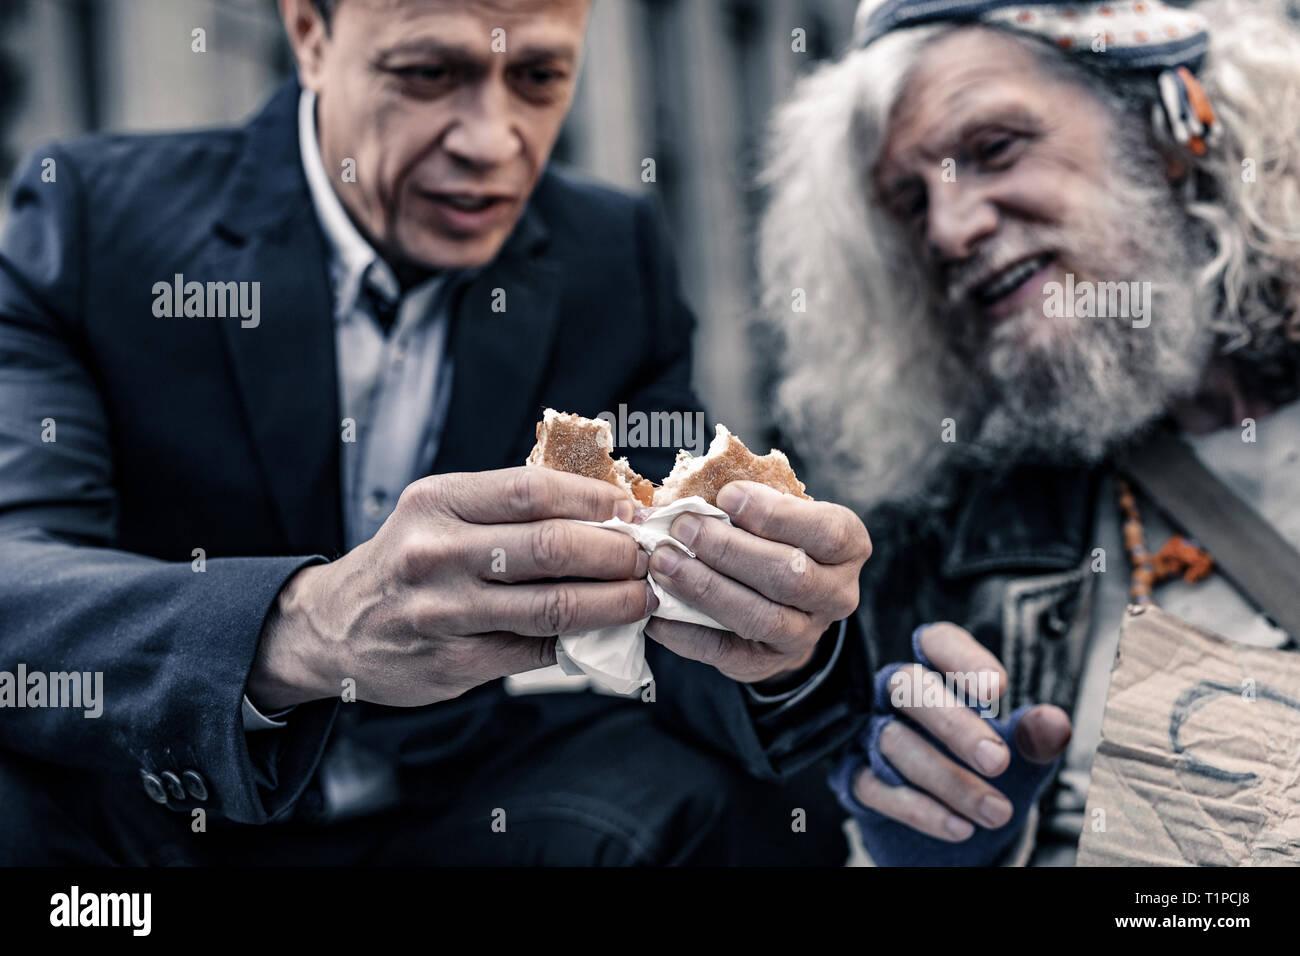 Tipo de hombre sincero en traje de oficina compartir sandwich con hombre sin hogar Imagen De Stock